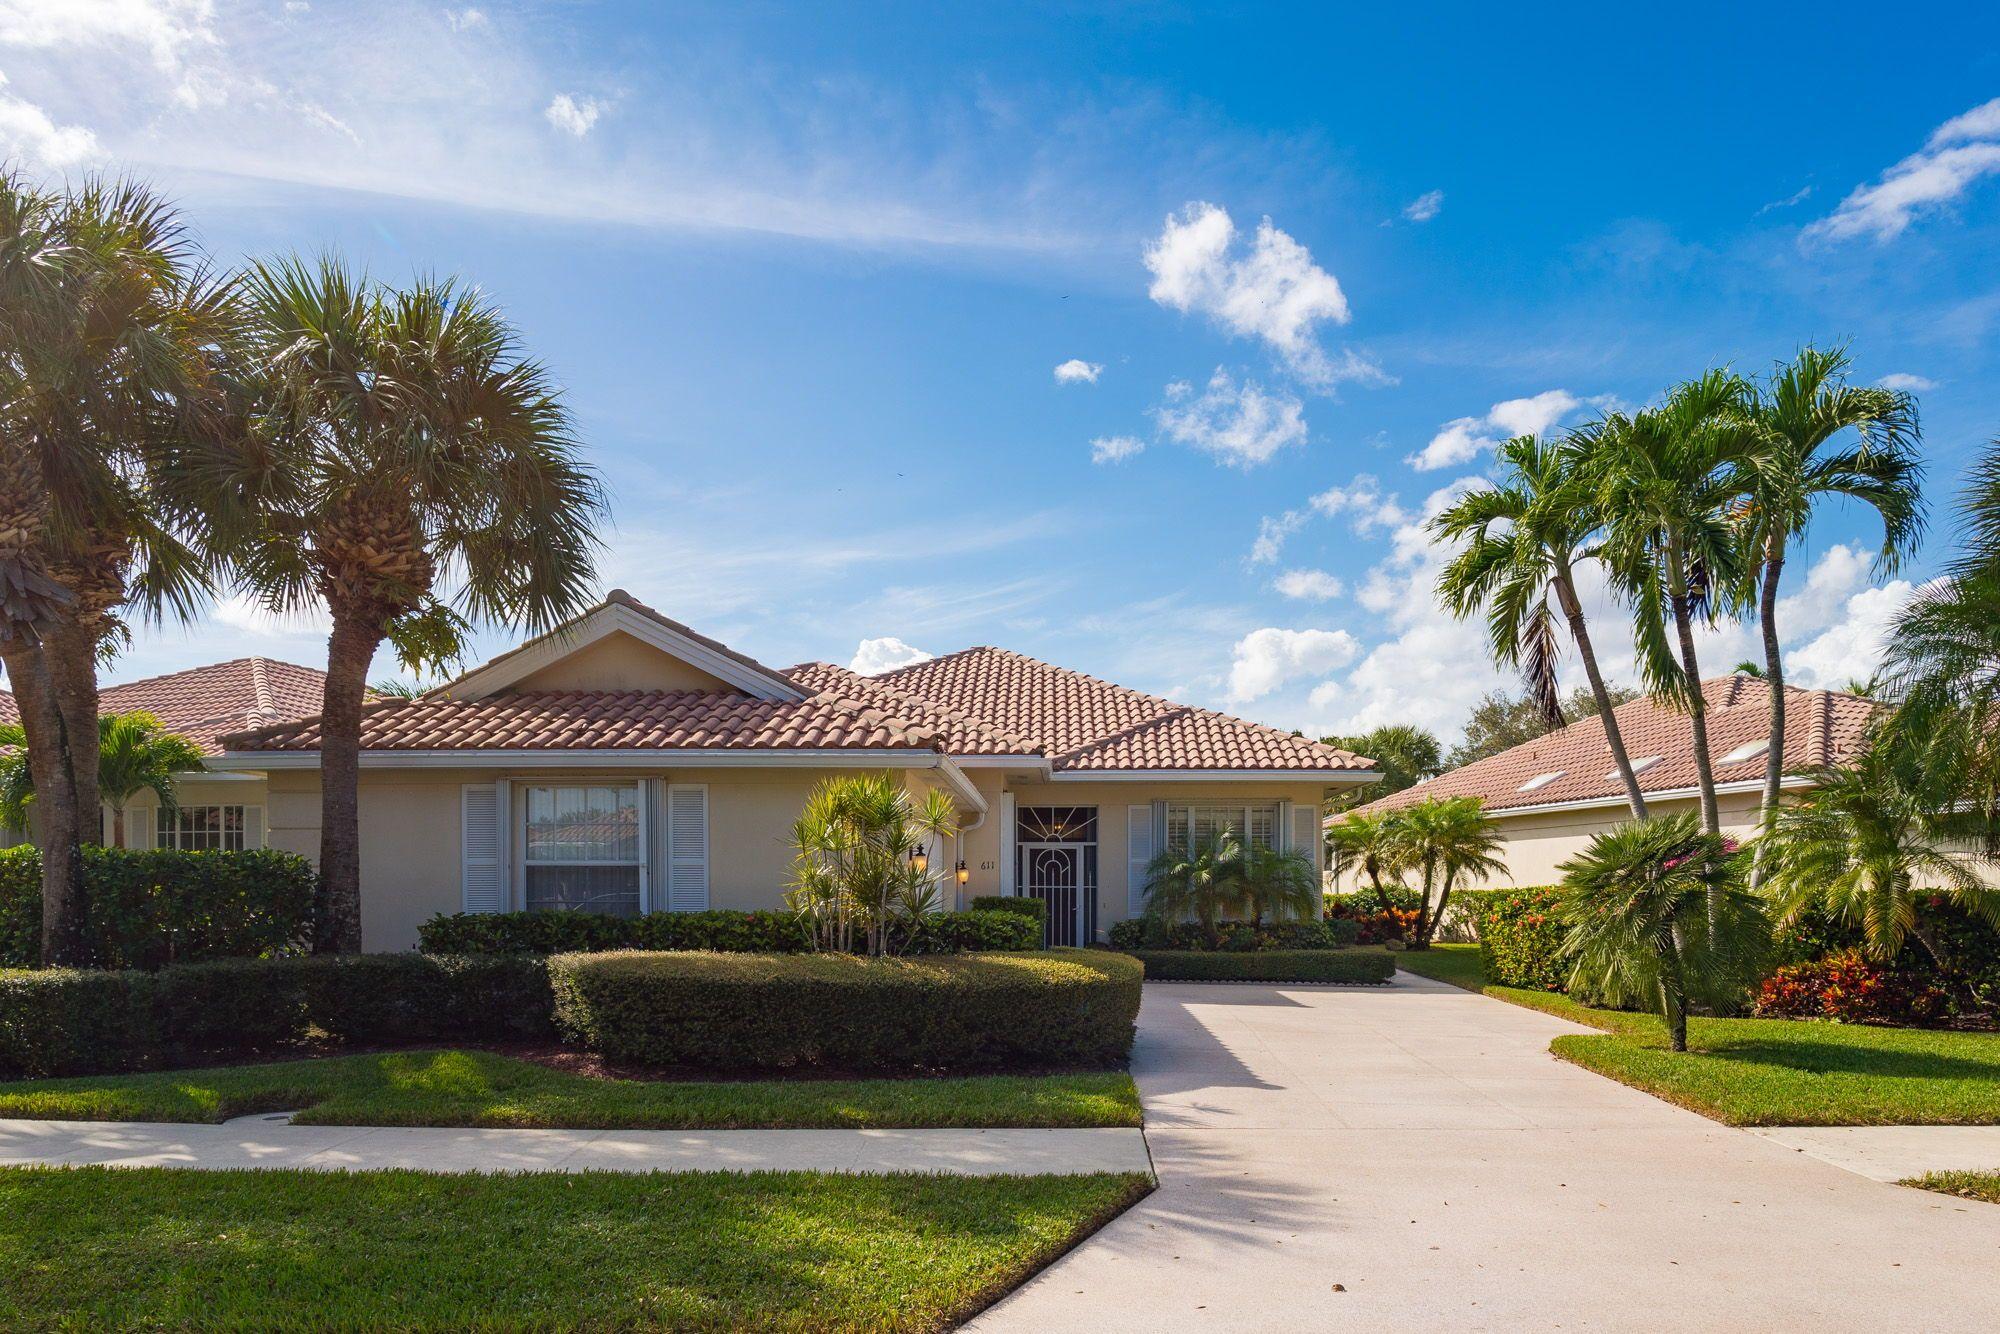 05c40e62536d39538fe56dff95d5a32e - Alton Palm Beach Gardens Site Plan